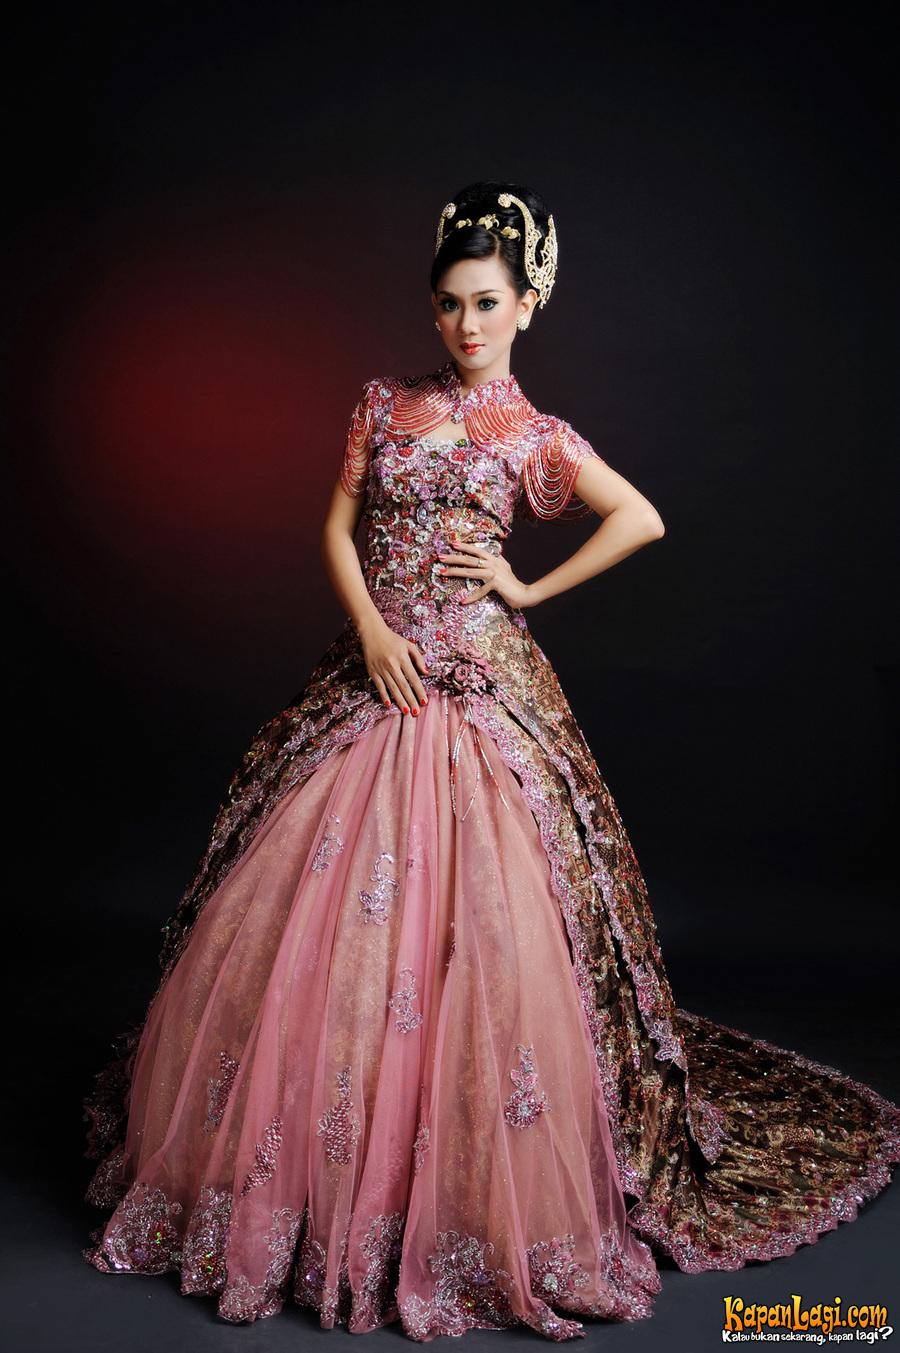 Gaun Pengantin Internasional Dari Batik Yang Unik Inspirasi Seni